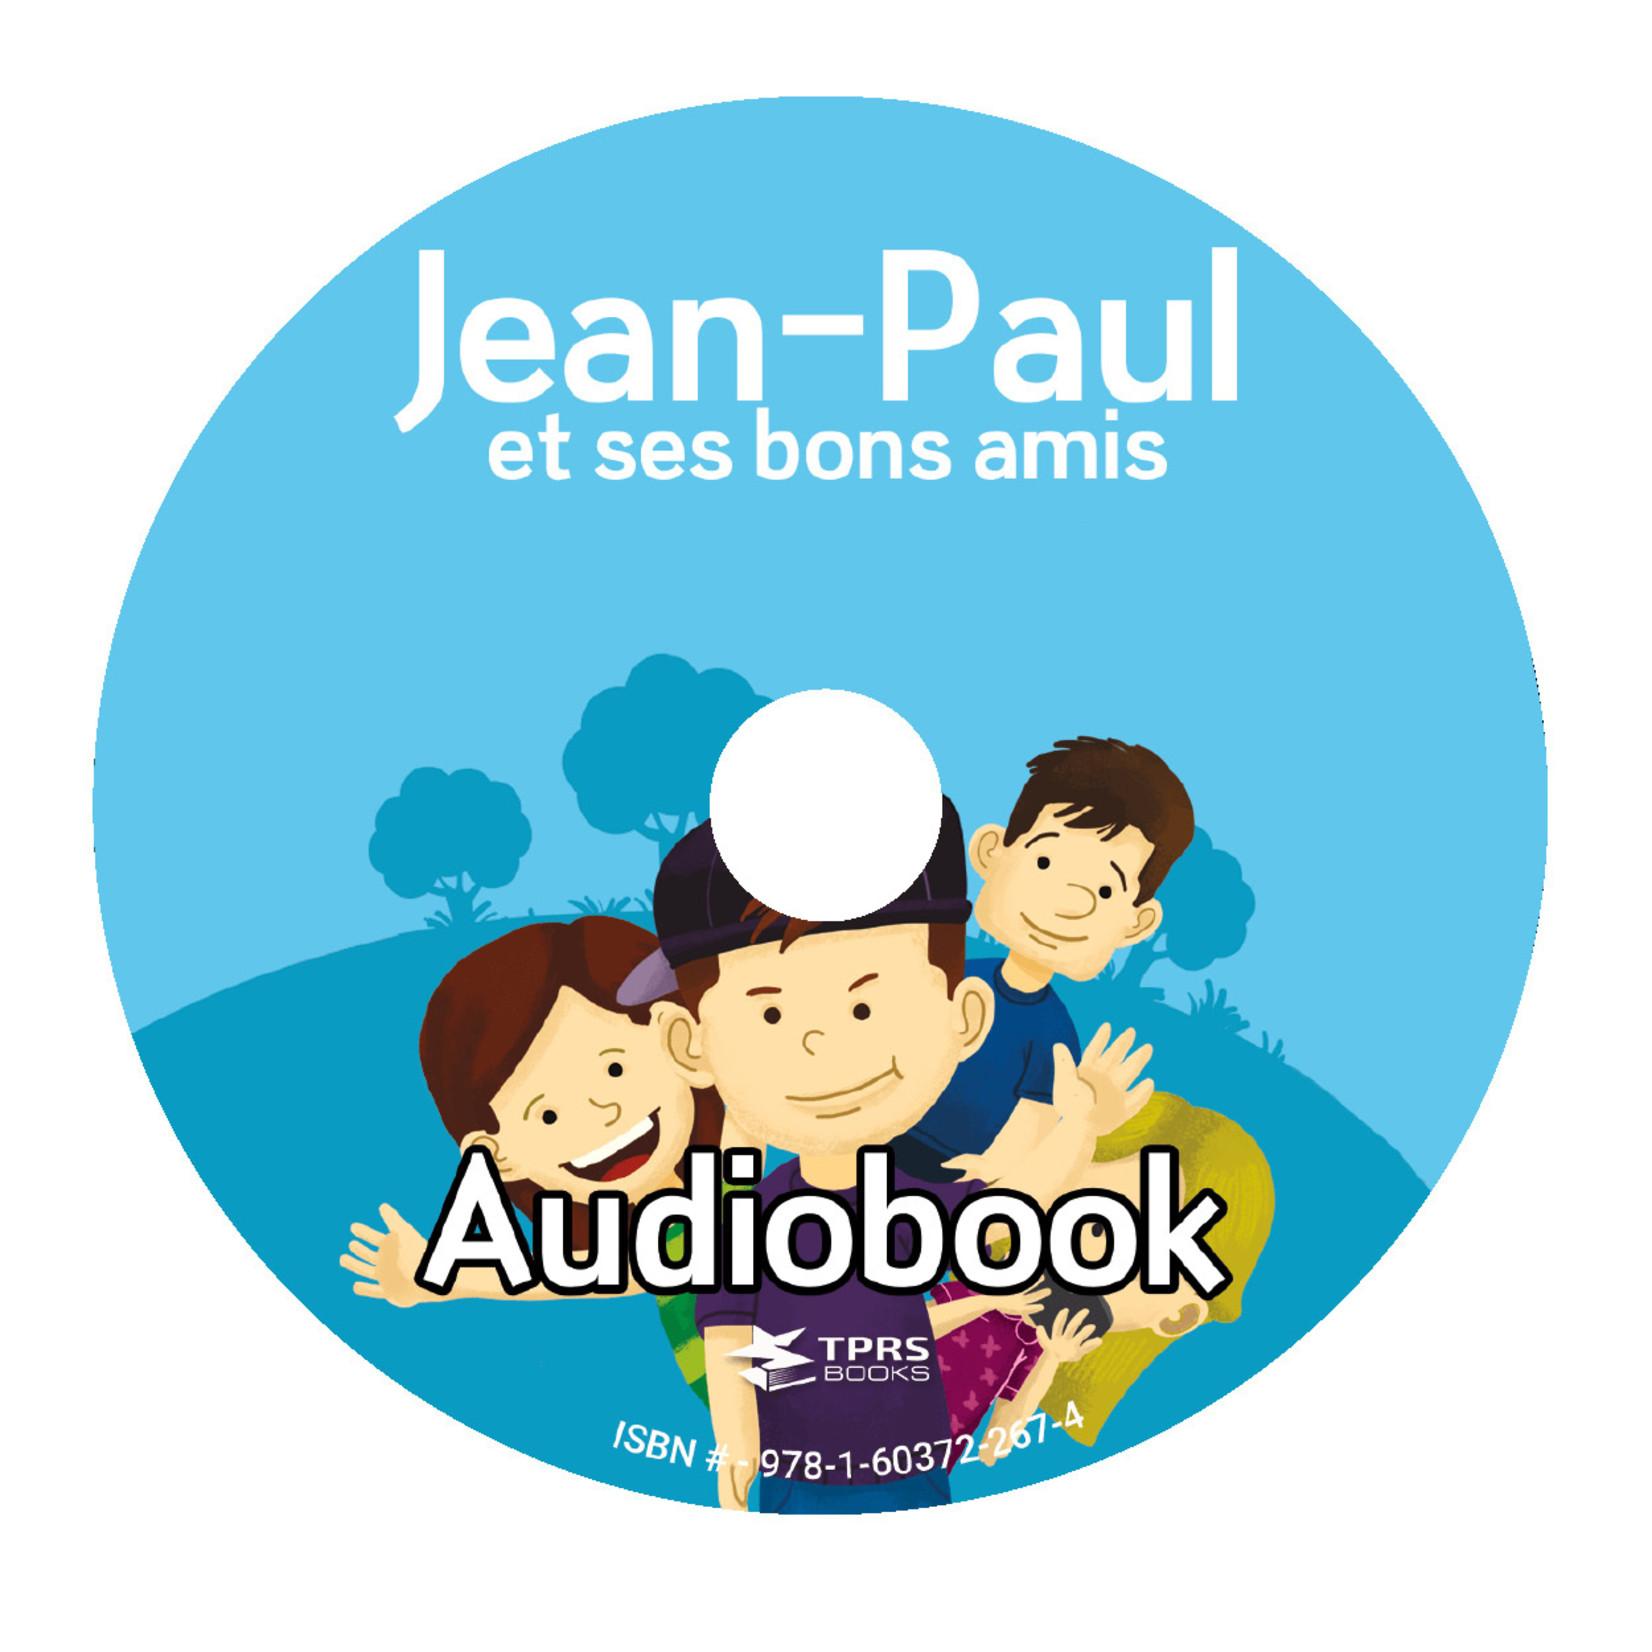 TPRS Books Jean-Paul et ses bons amis - Luisterboek